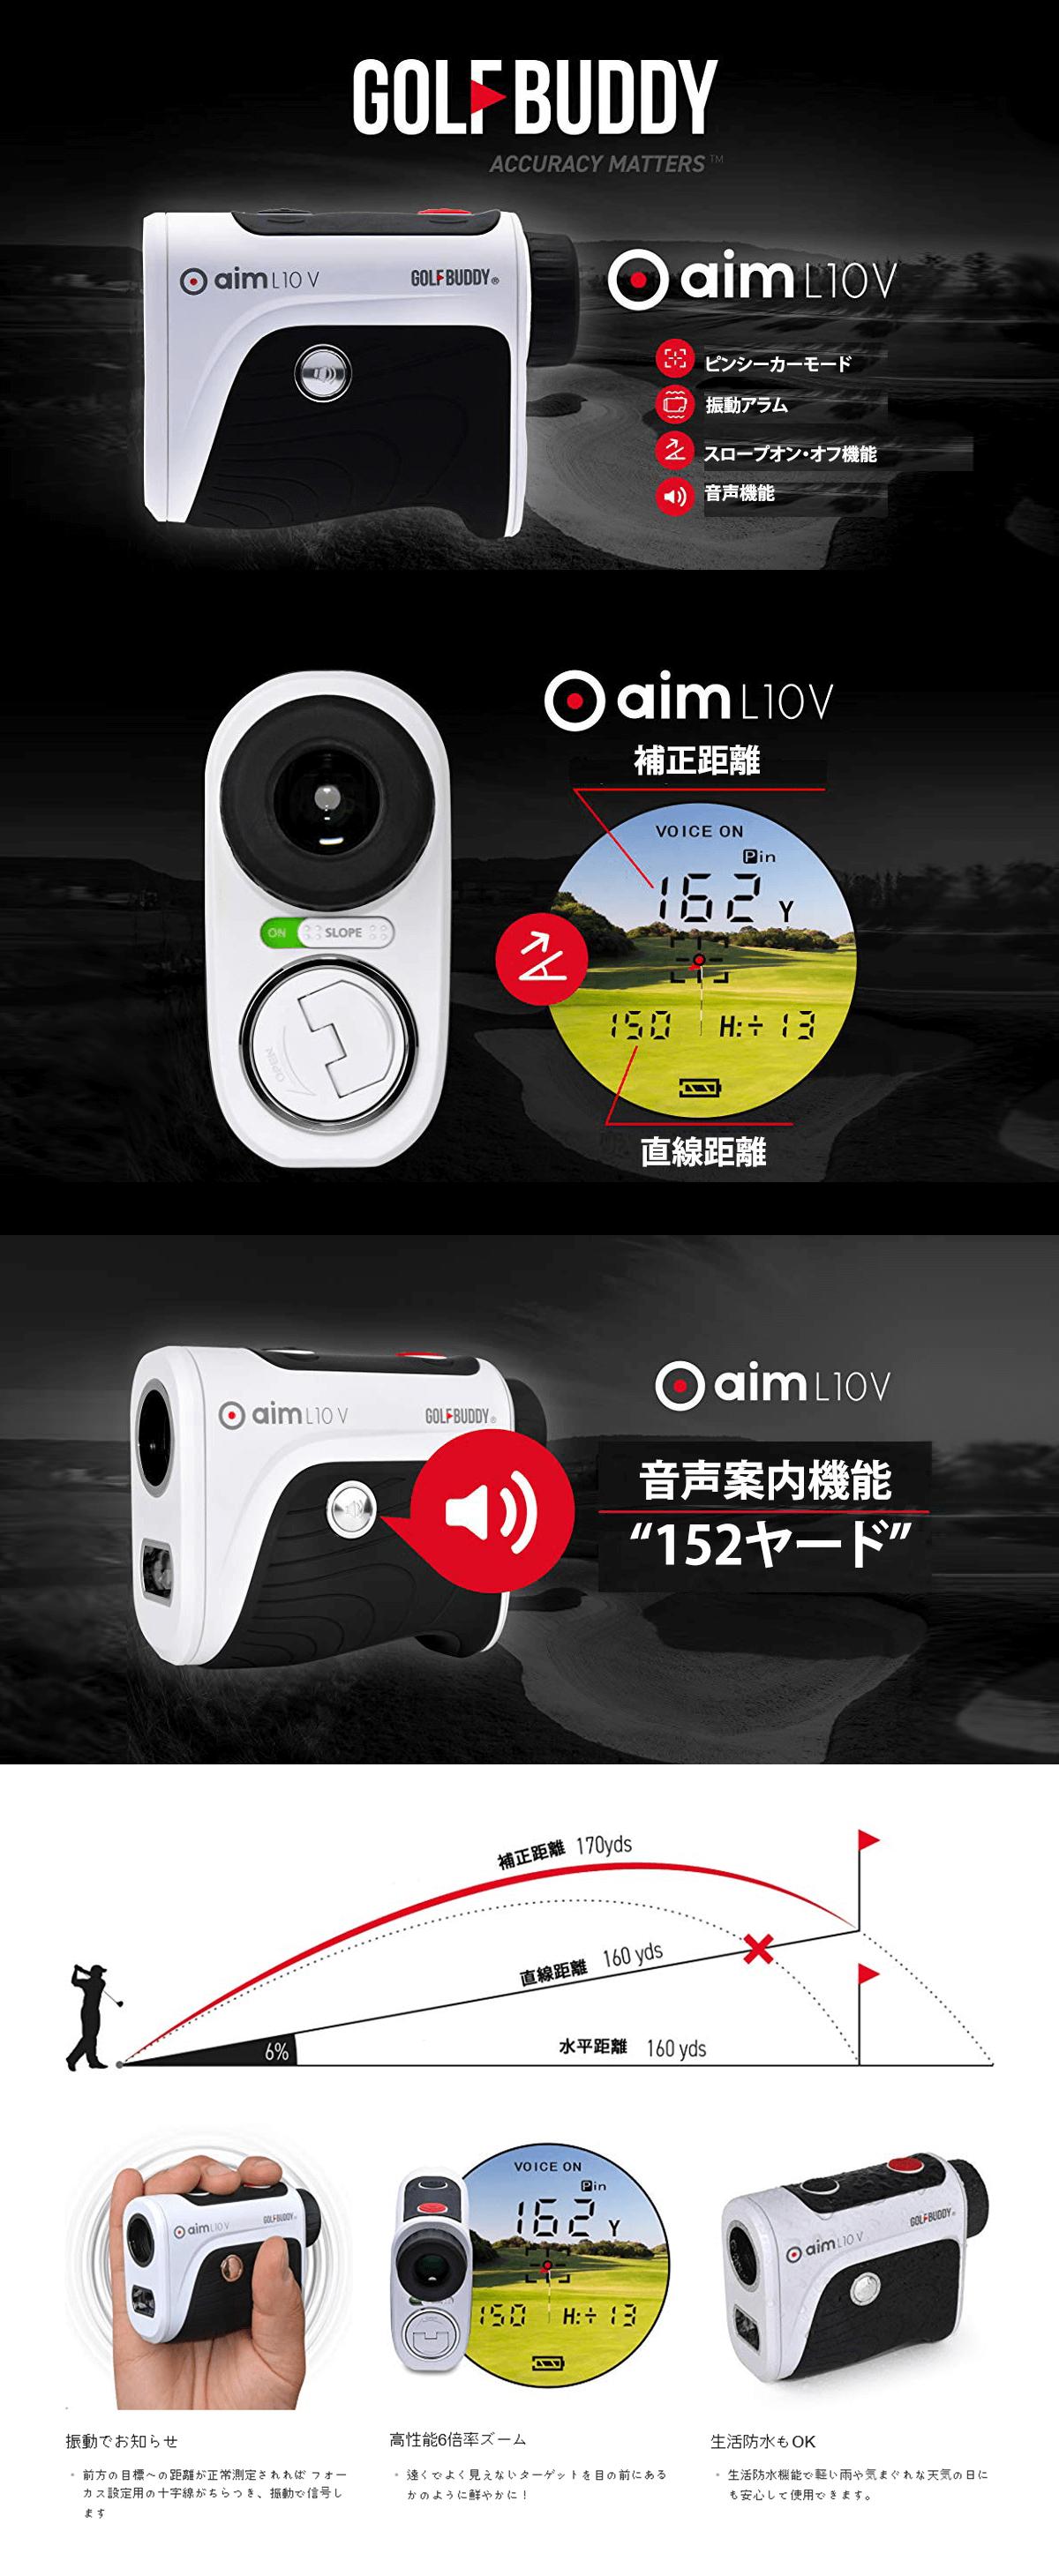 バディ aim w10 ゴルフ